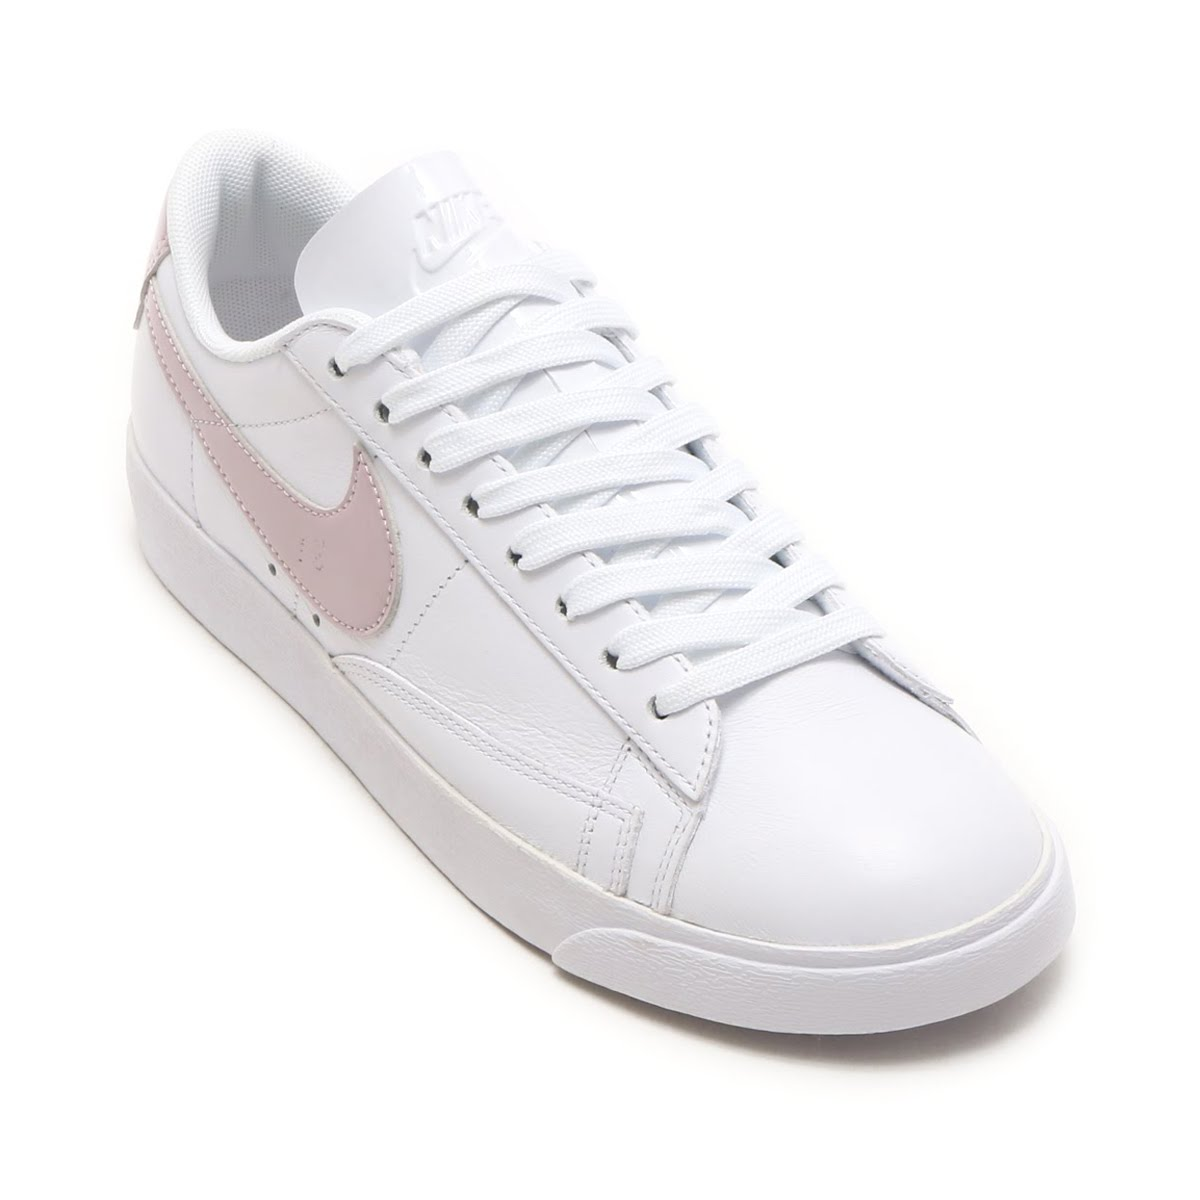 cheap for discount 5e08a c1653 ... closeout nike w blazer low le le white particle rose white 18sp i 9e242  7e0da